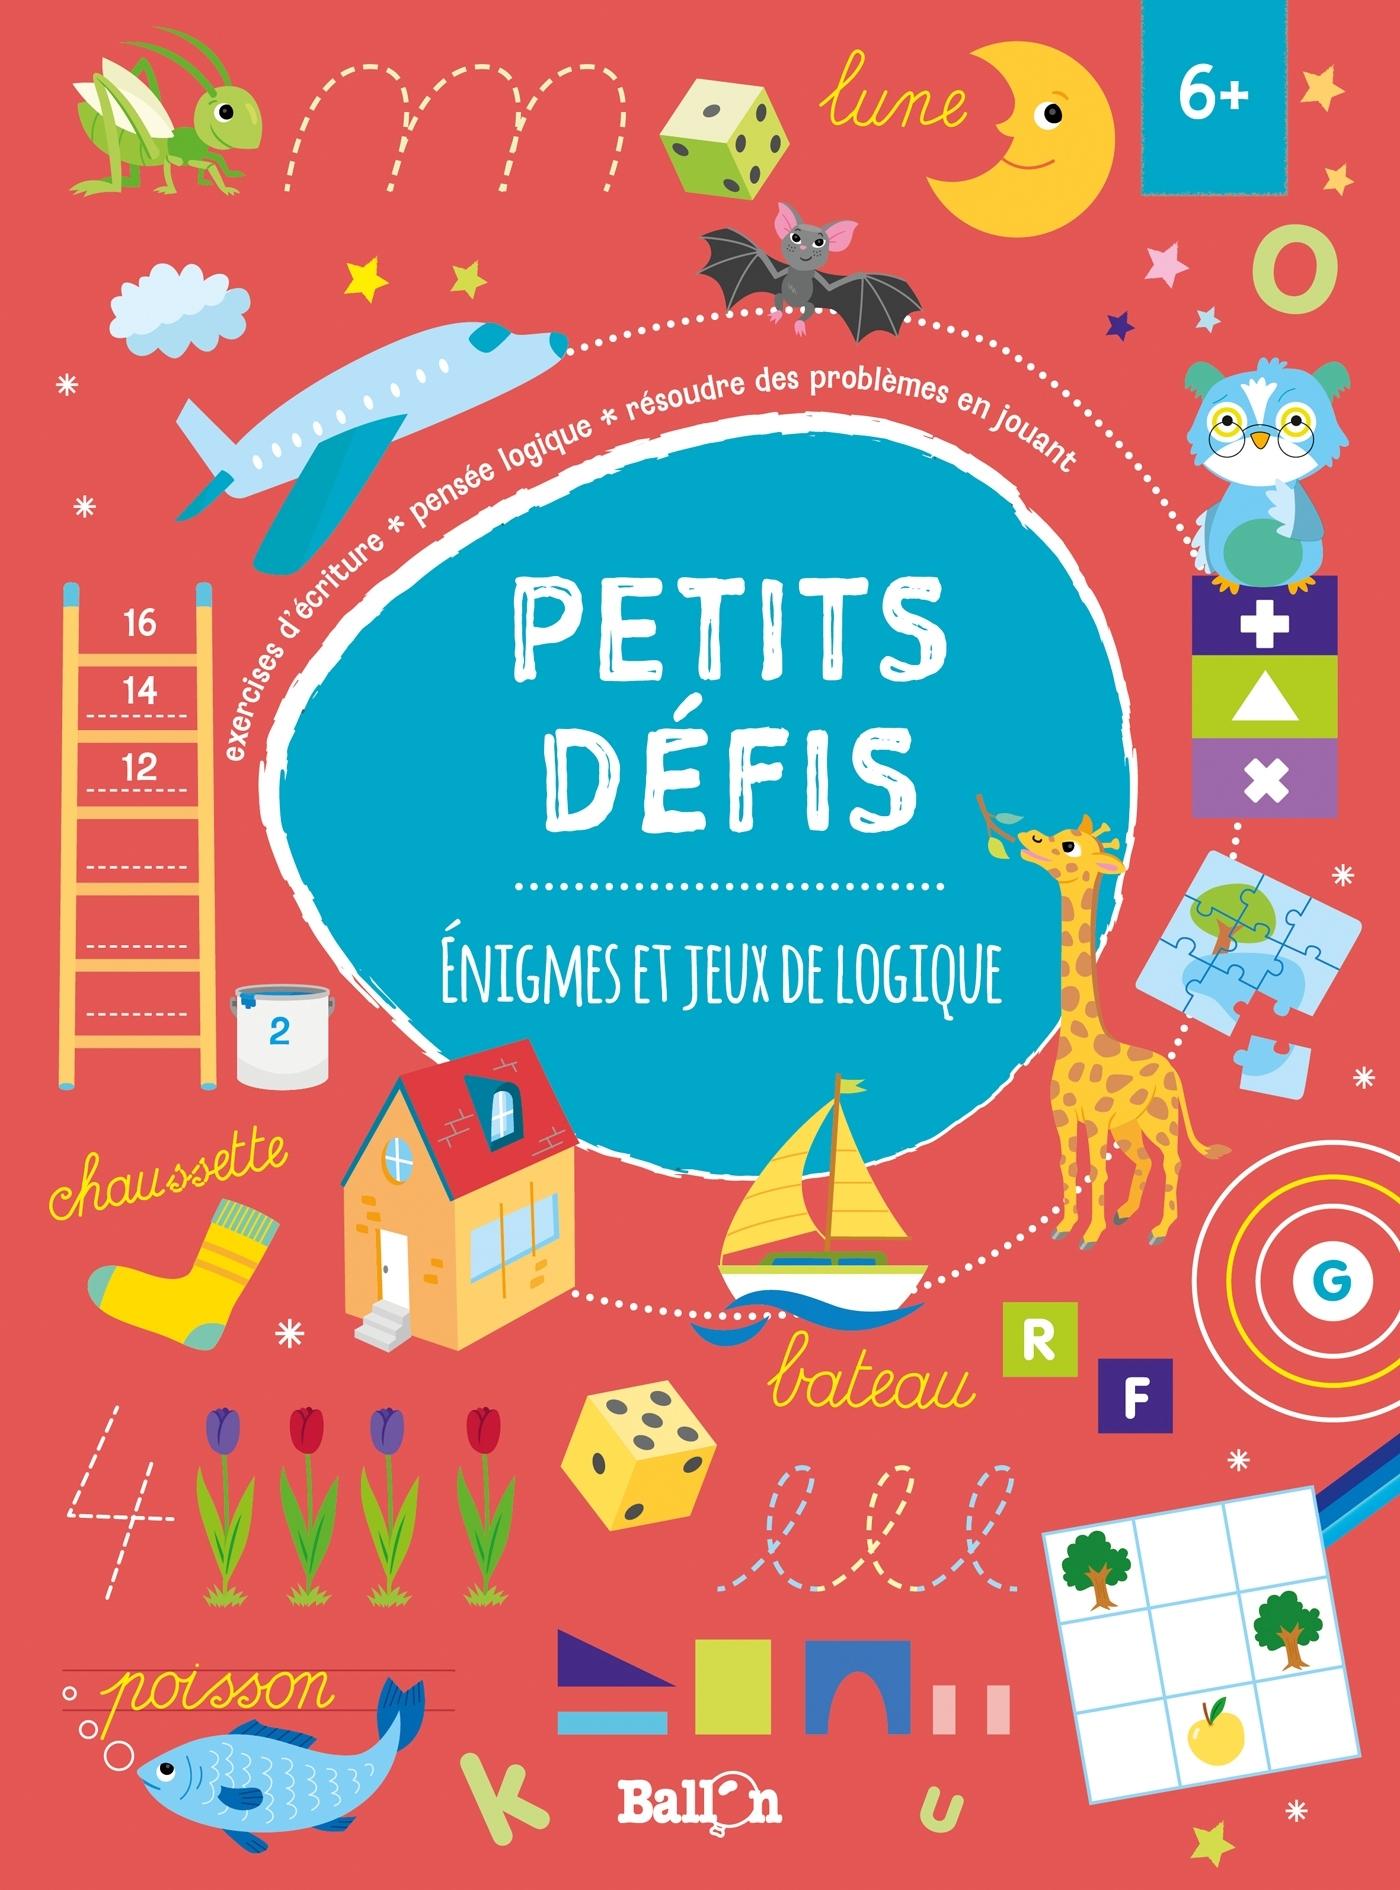 PETITS DEFIS : ENIGMES ET JEUX DE LOGIQUE